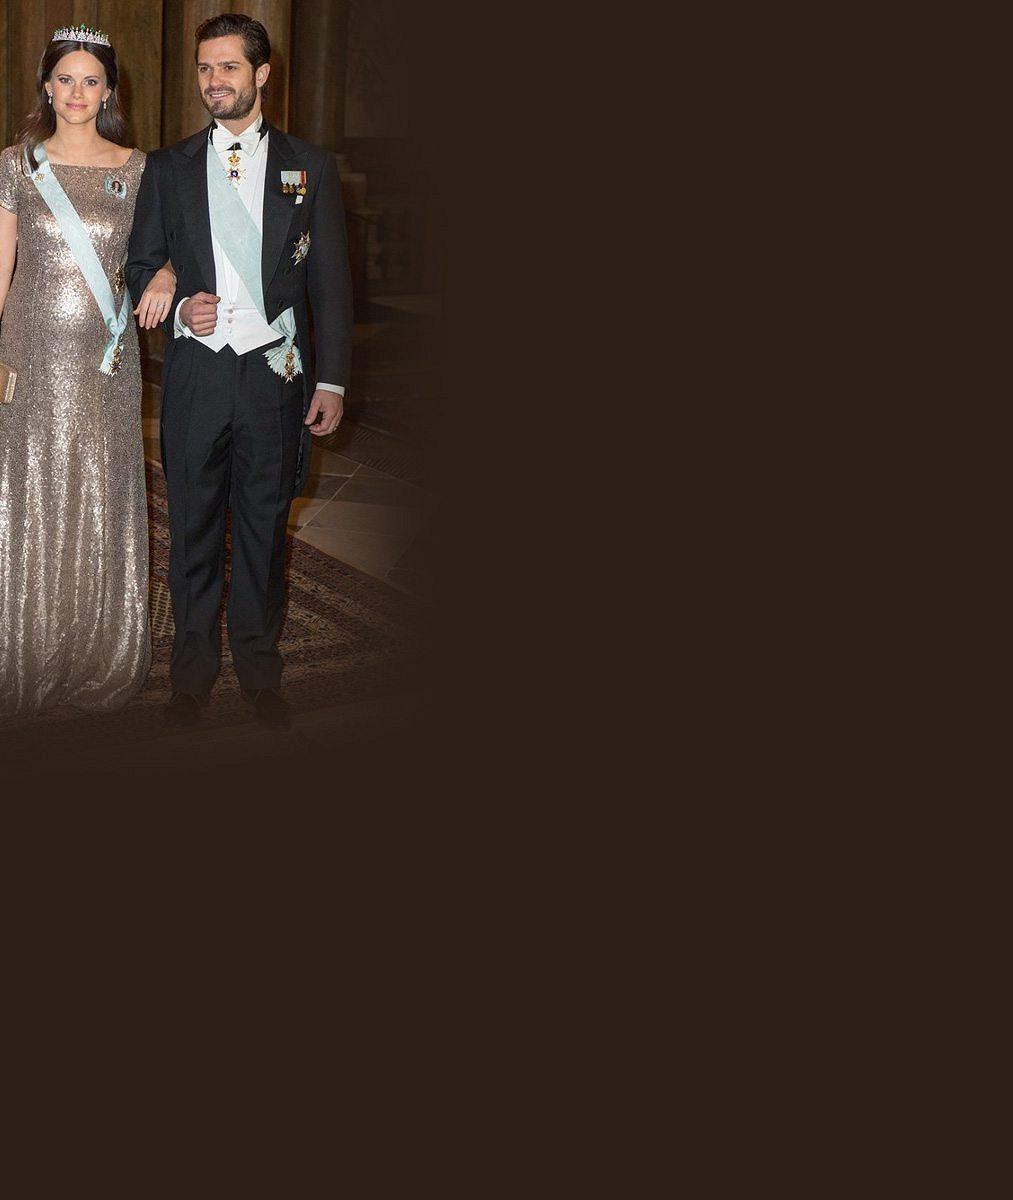 Švédská královská rodina se rychle rozrůstá: Které těhotné princezně sluší bříško více?